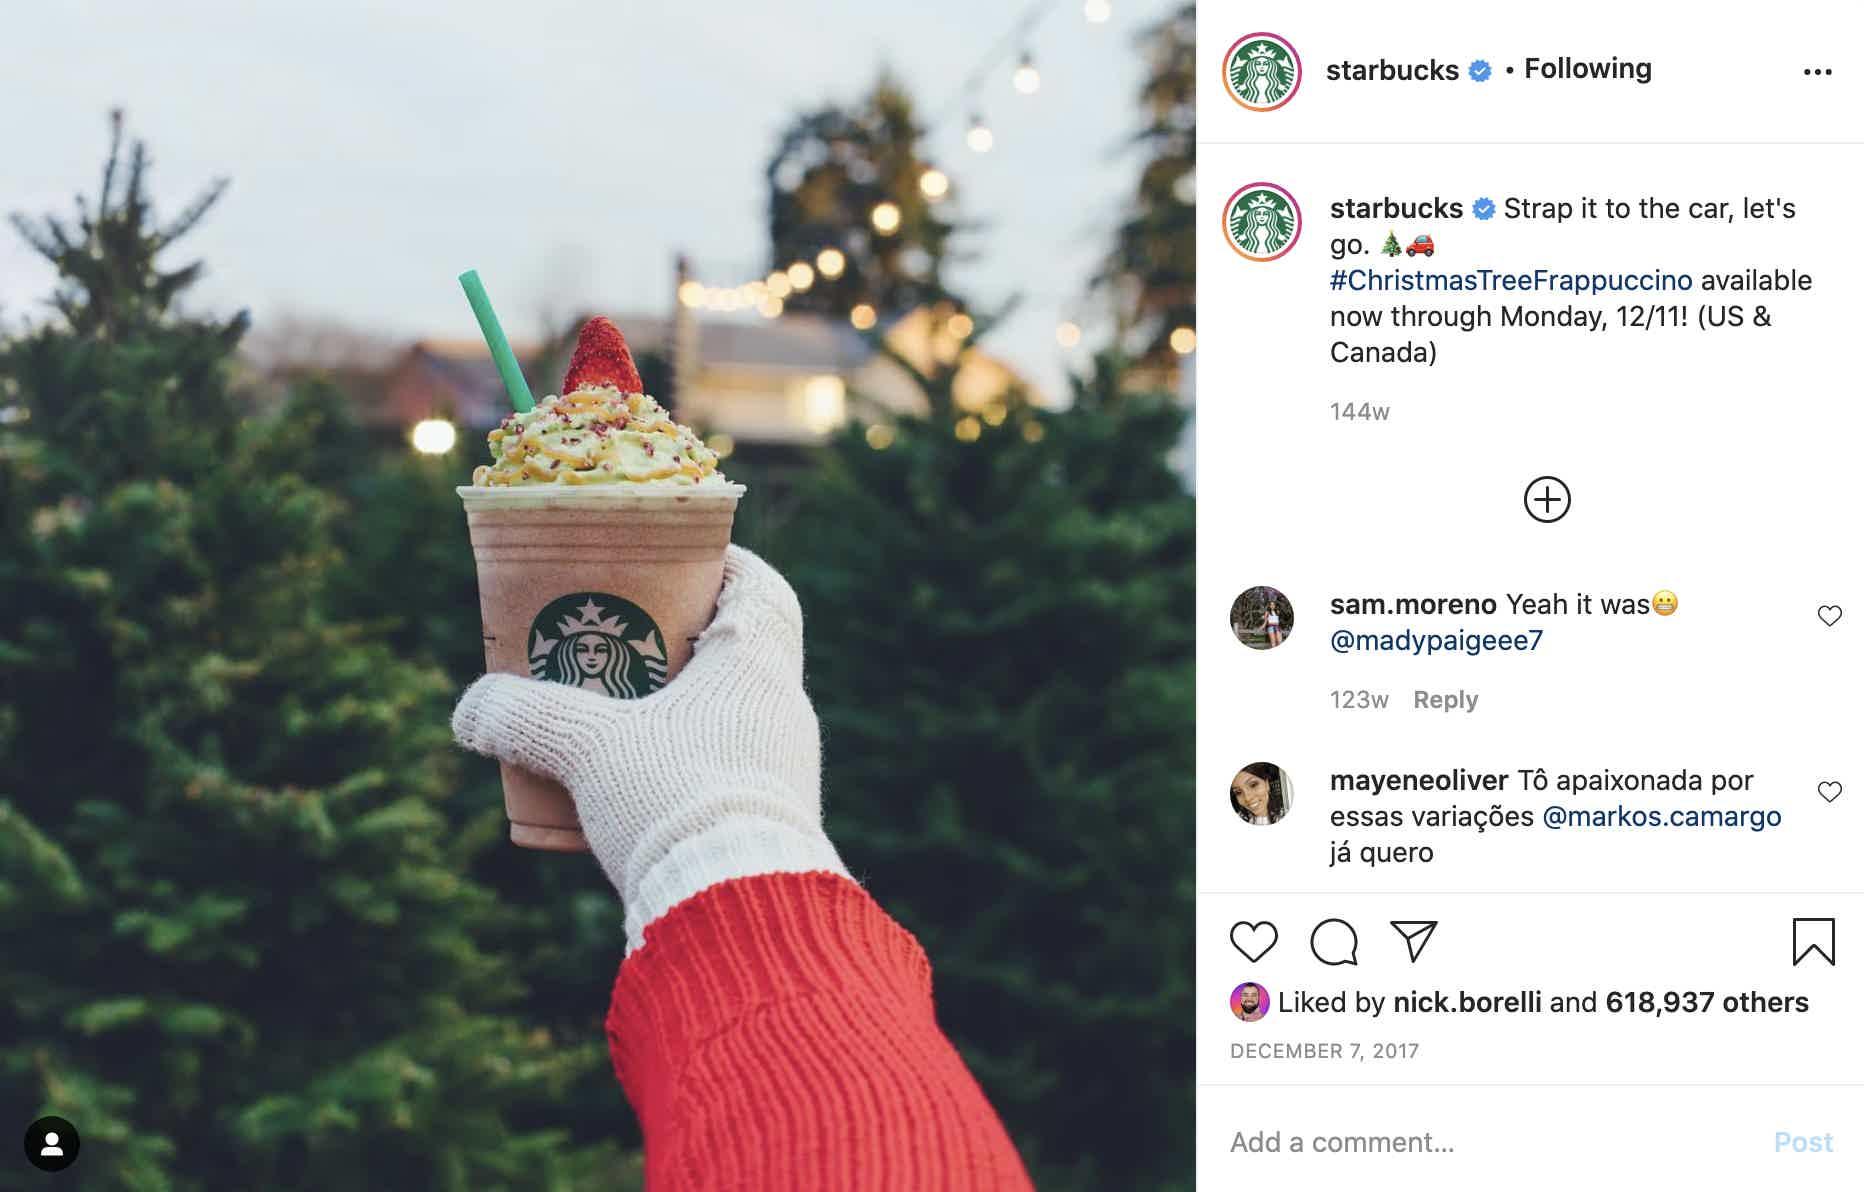 Starbucks Christmas Instagram Post